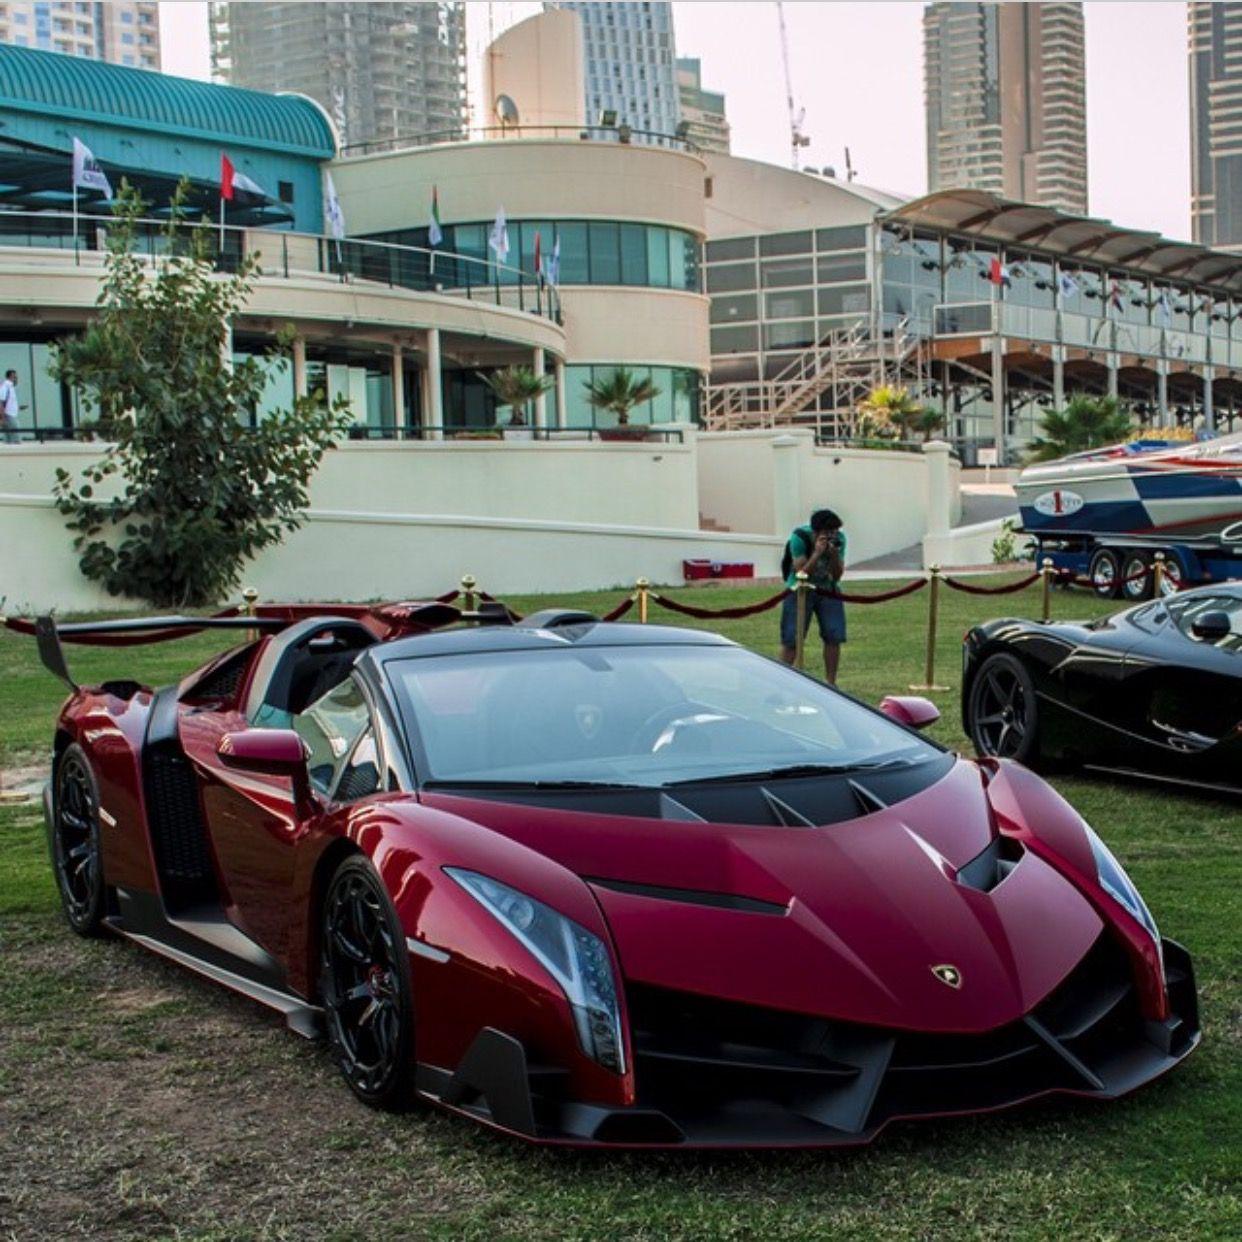 The Lamborghini Gallardo Supercar Automobile